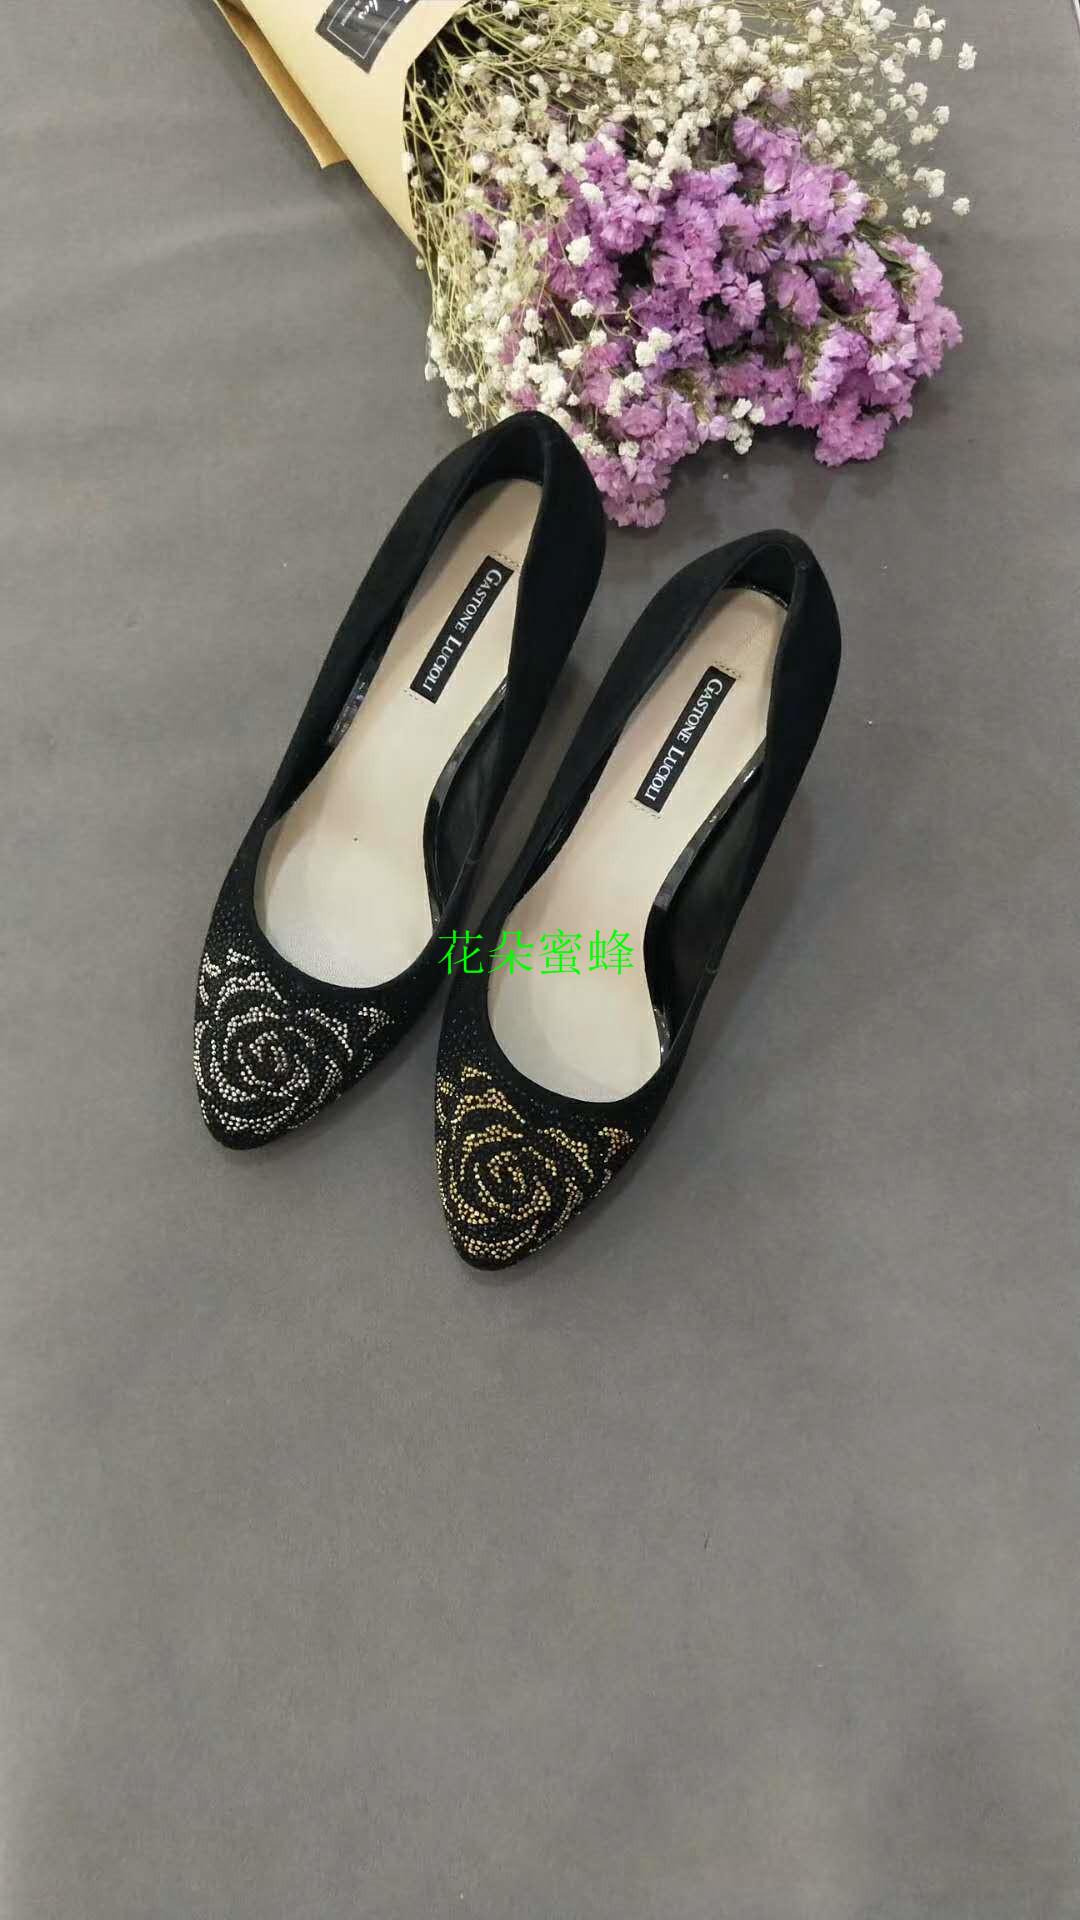 玫瑰礹c.??$9.?_歌斯东尼经典款镂空玫瑰跟瓢鞋7c03292 3302